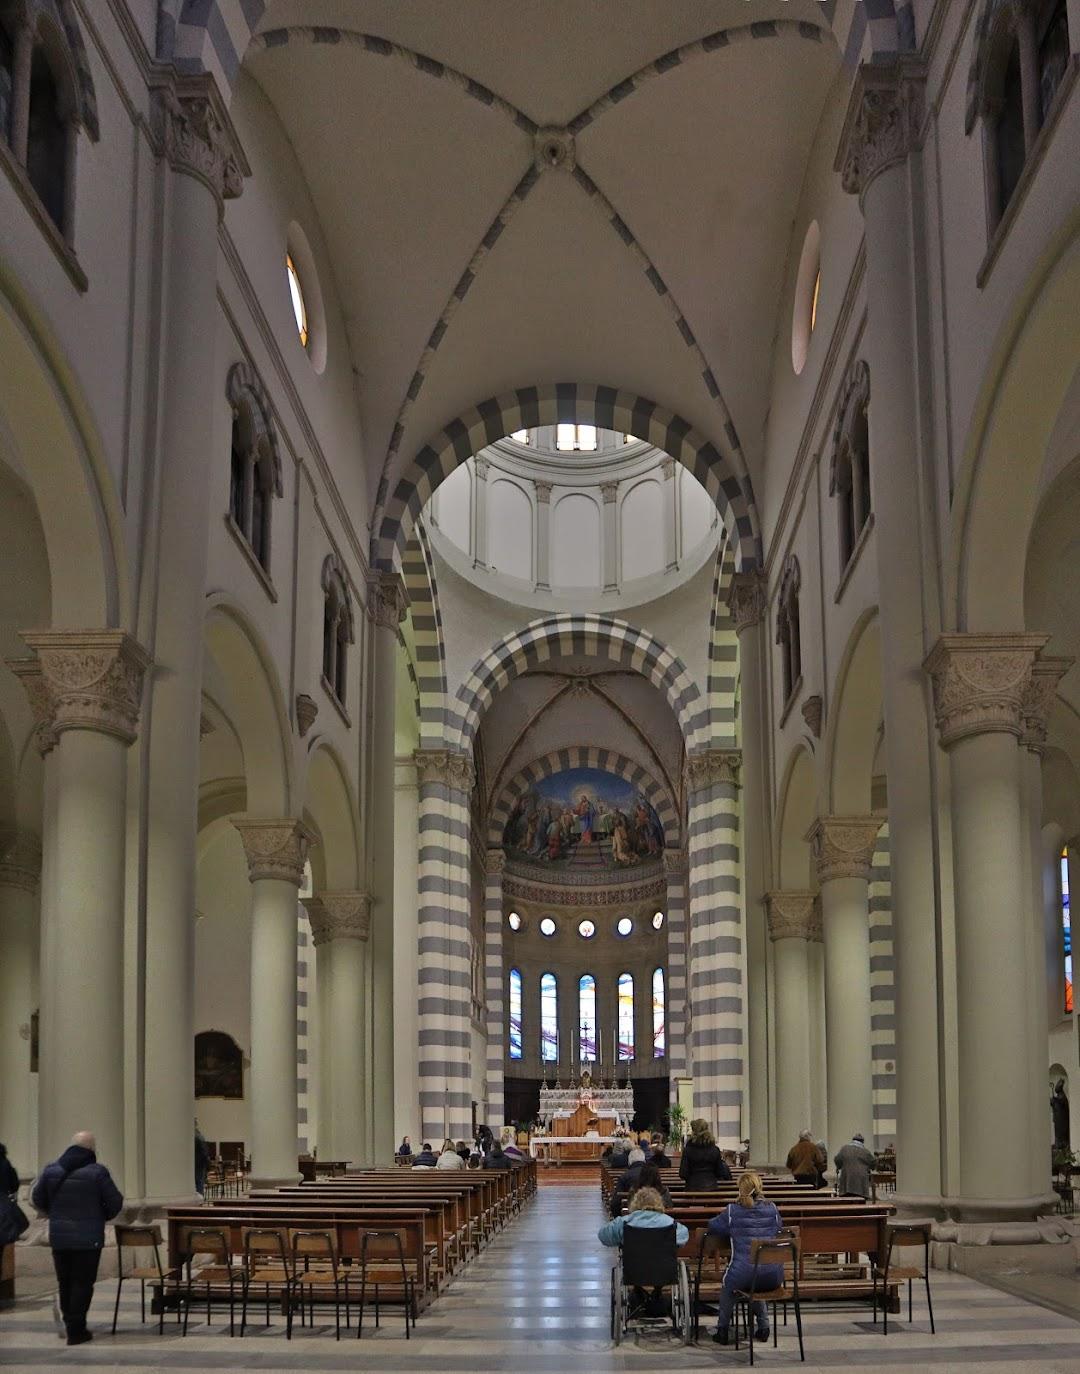 Chiesa Cattolica Parrocchiale Corpus Domini